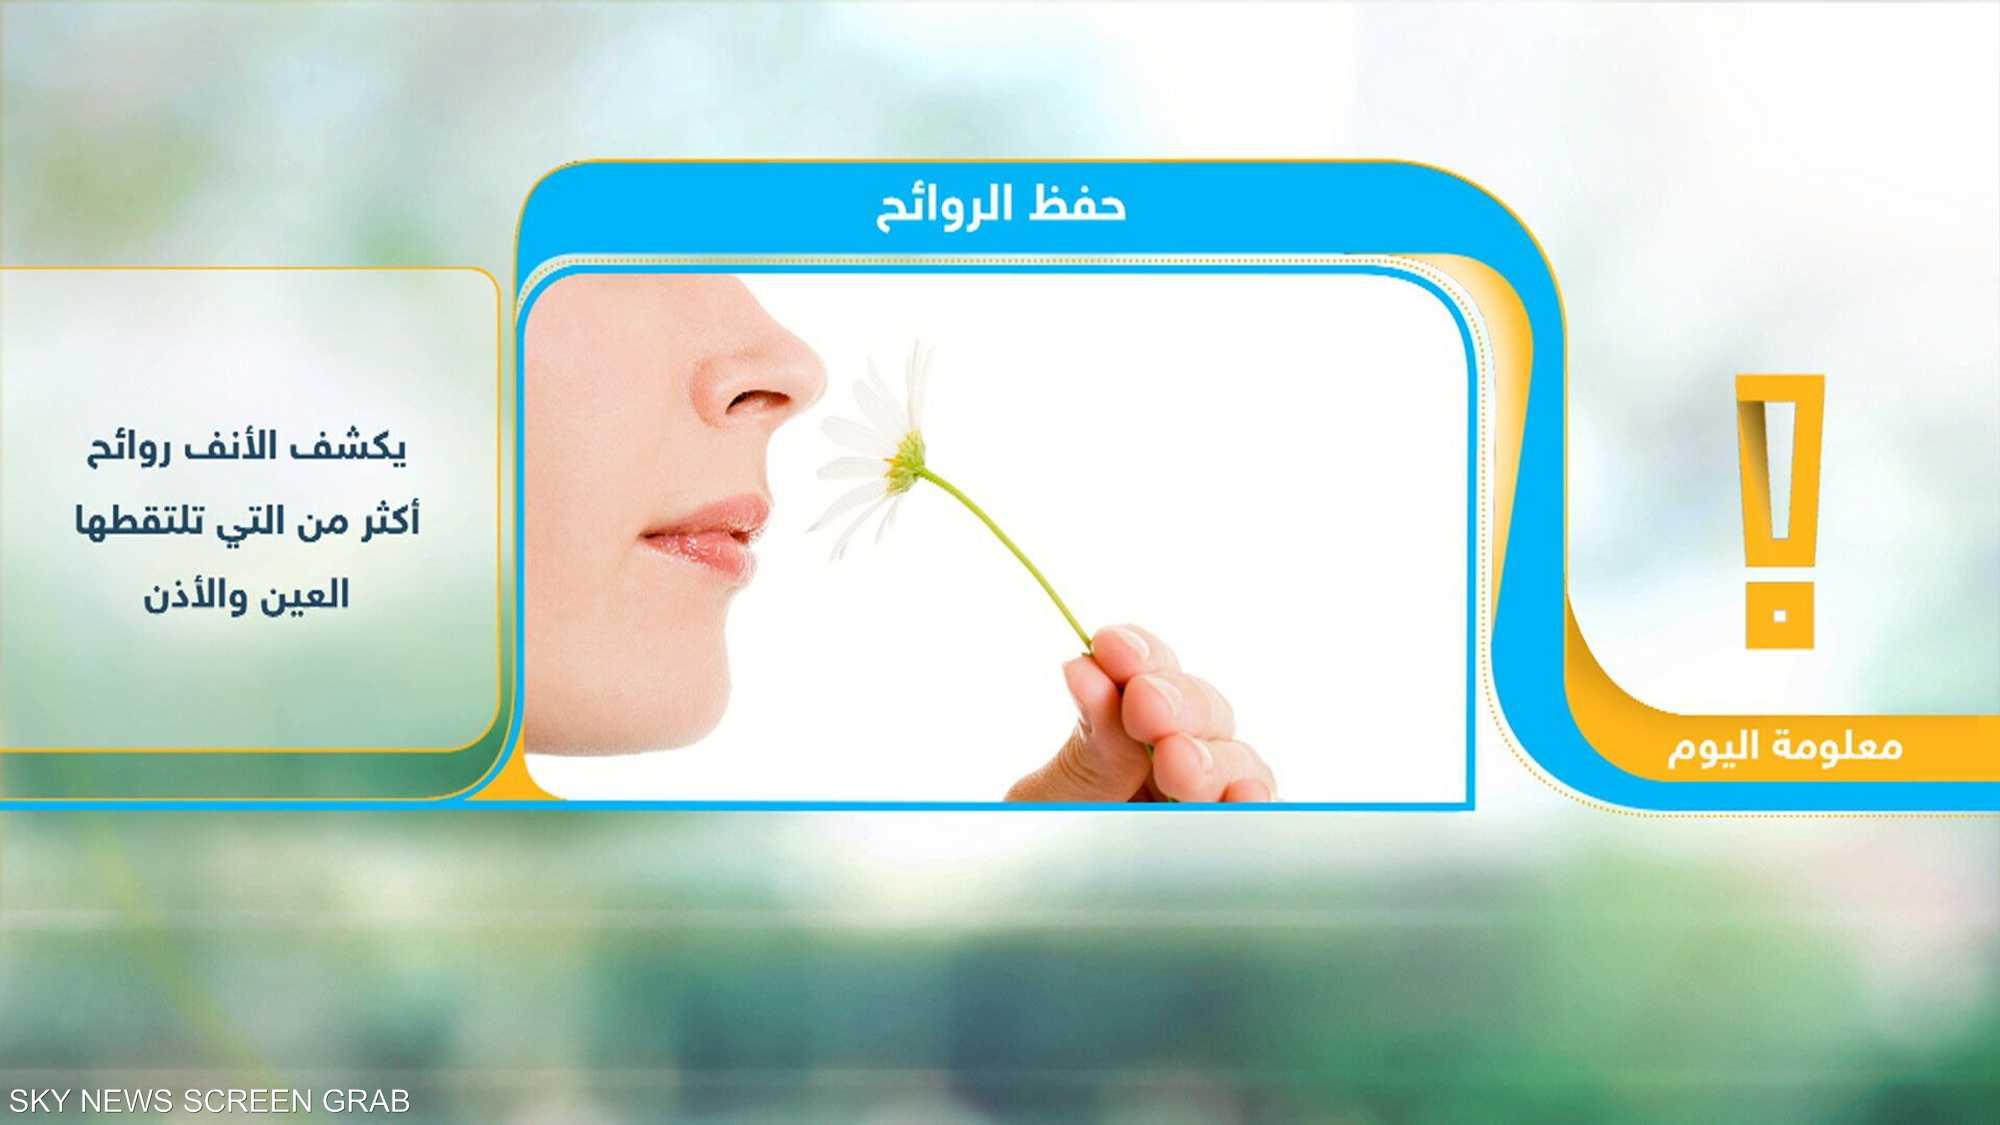 الأنف يميز تريليون رائحة